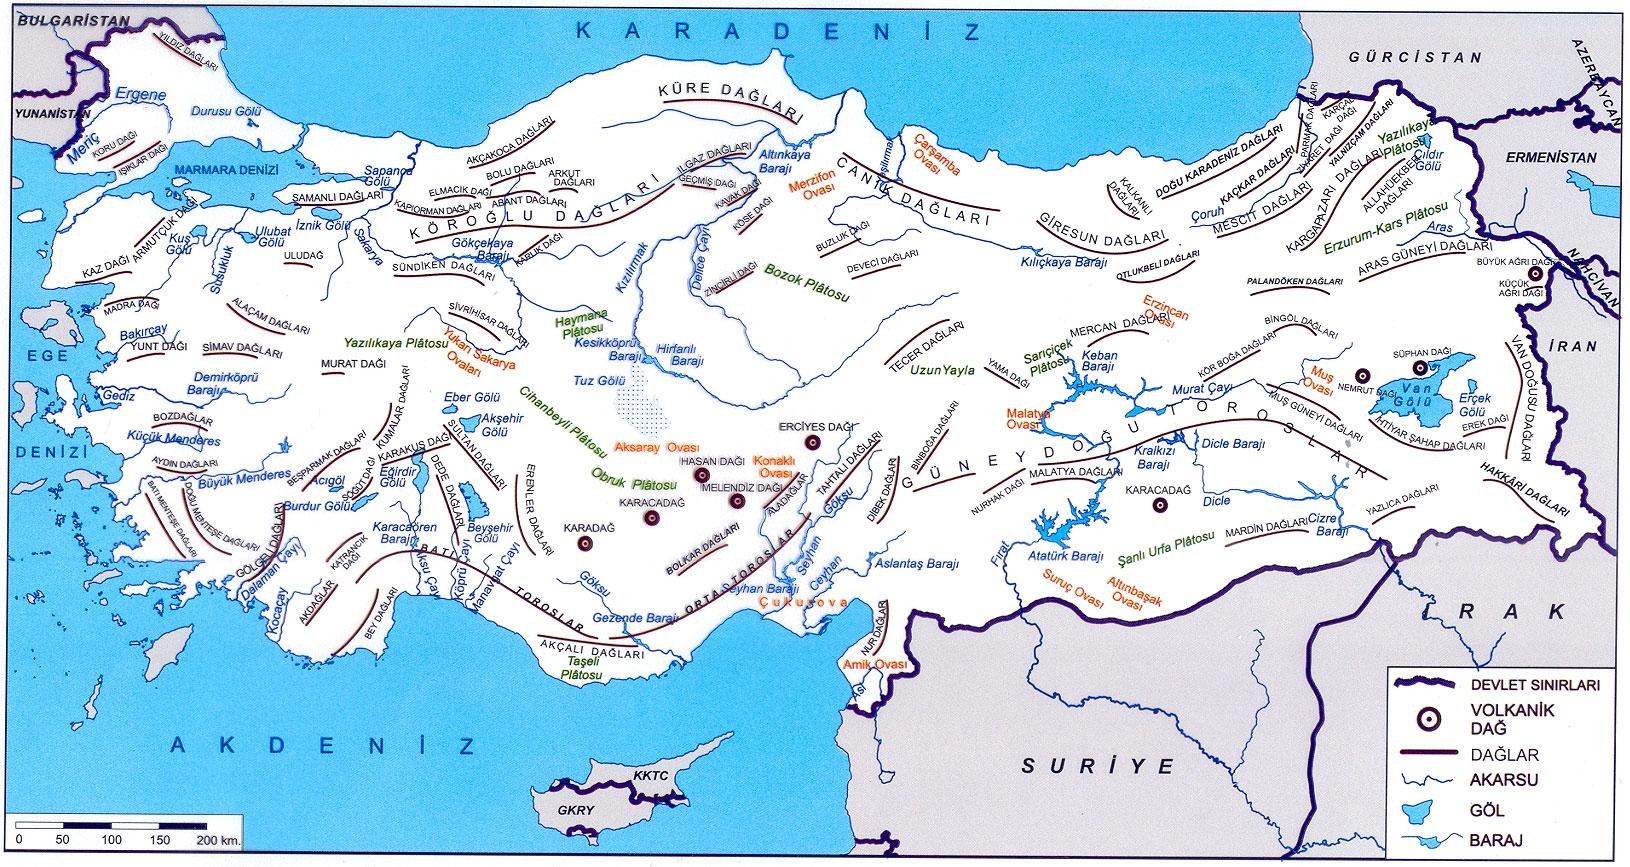 Türkiye dağlar akarsular göller ve barajlar haritası büyük boy